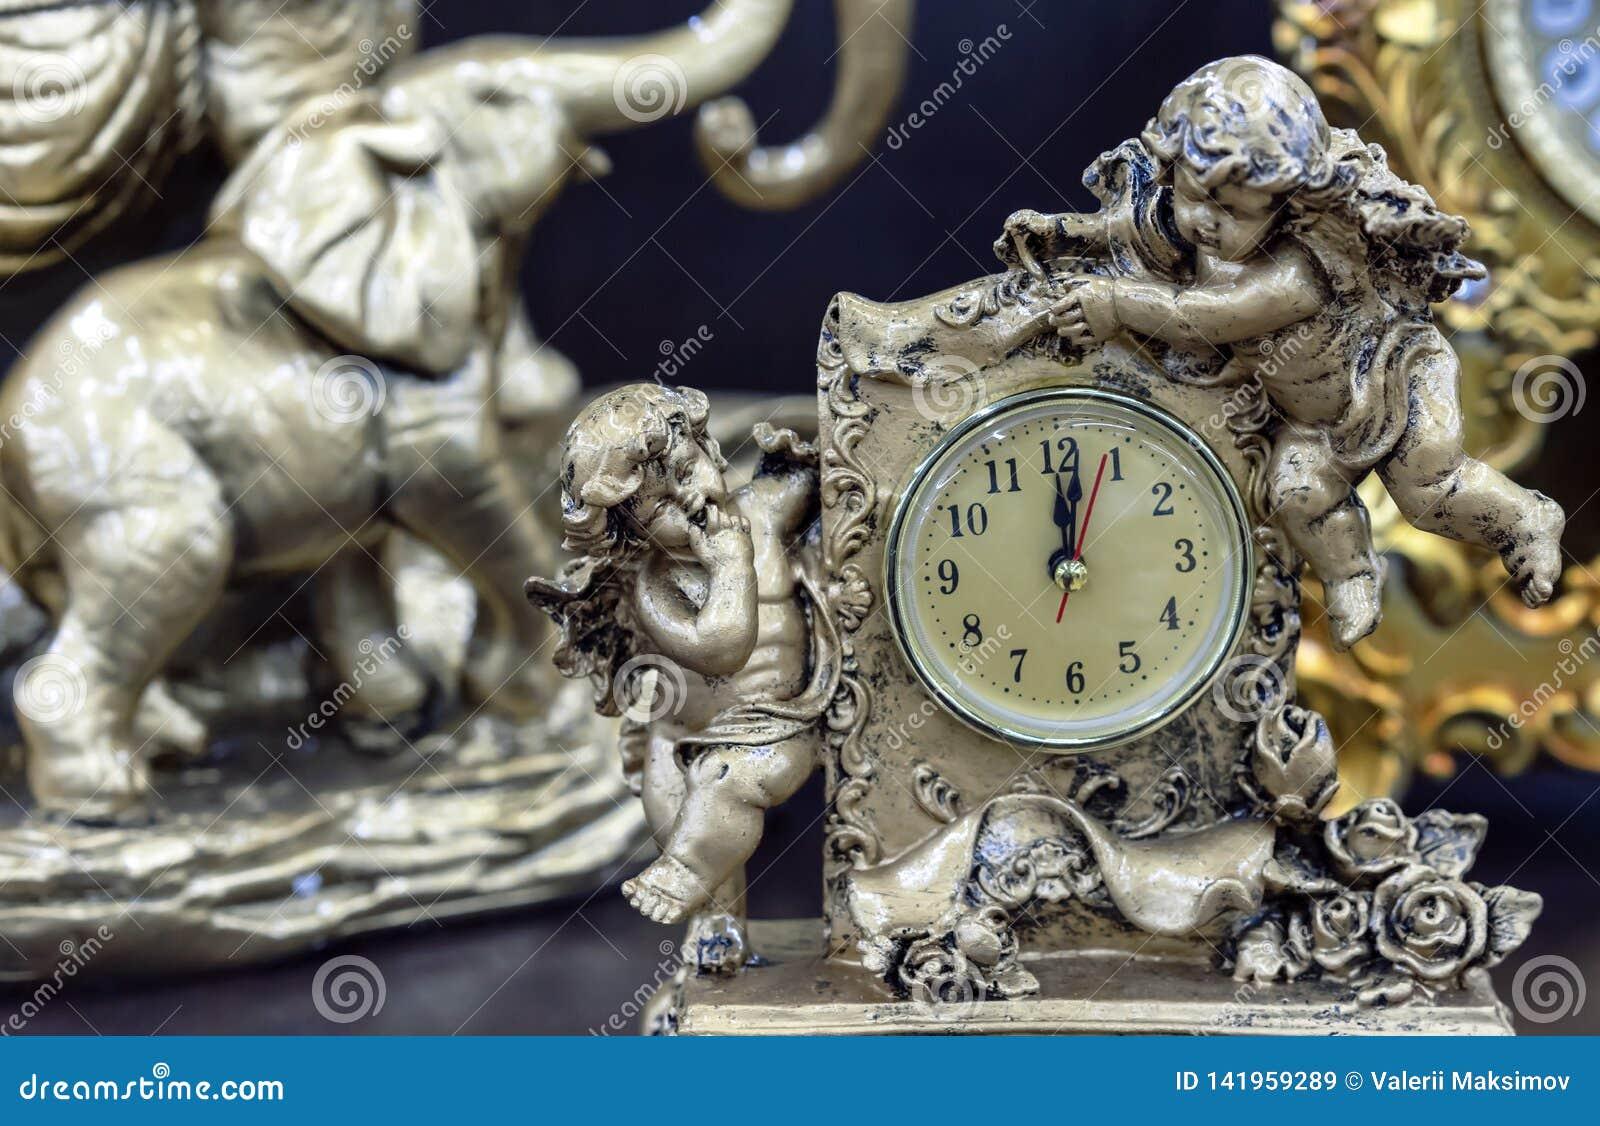 Brązowy stołowy zegar z aniołami na drewnianym stole